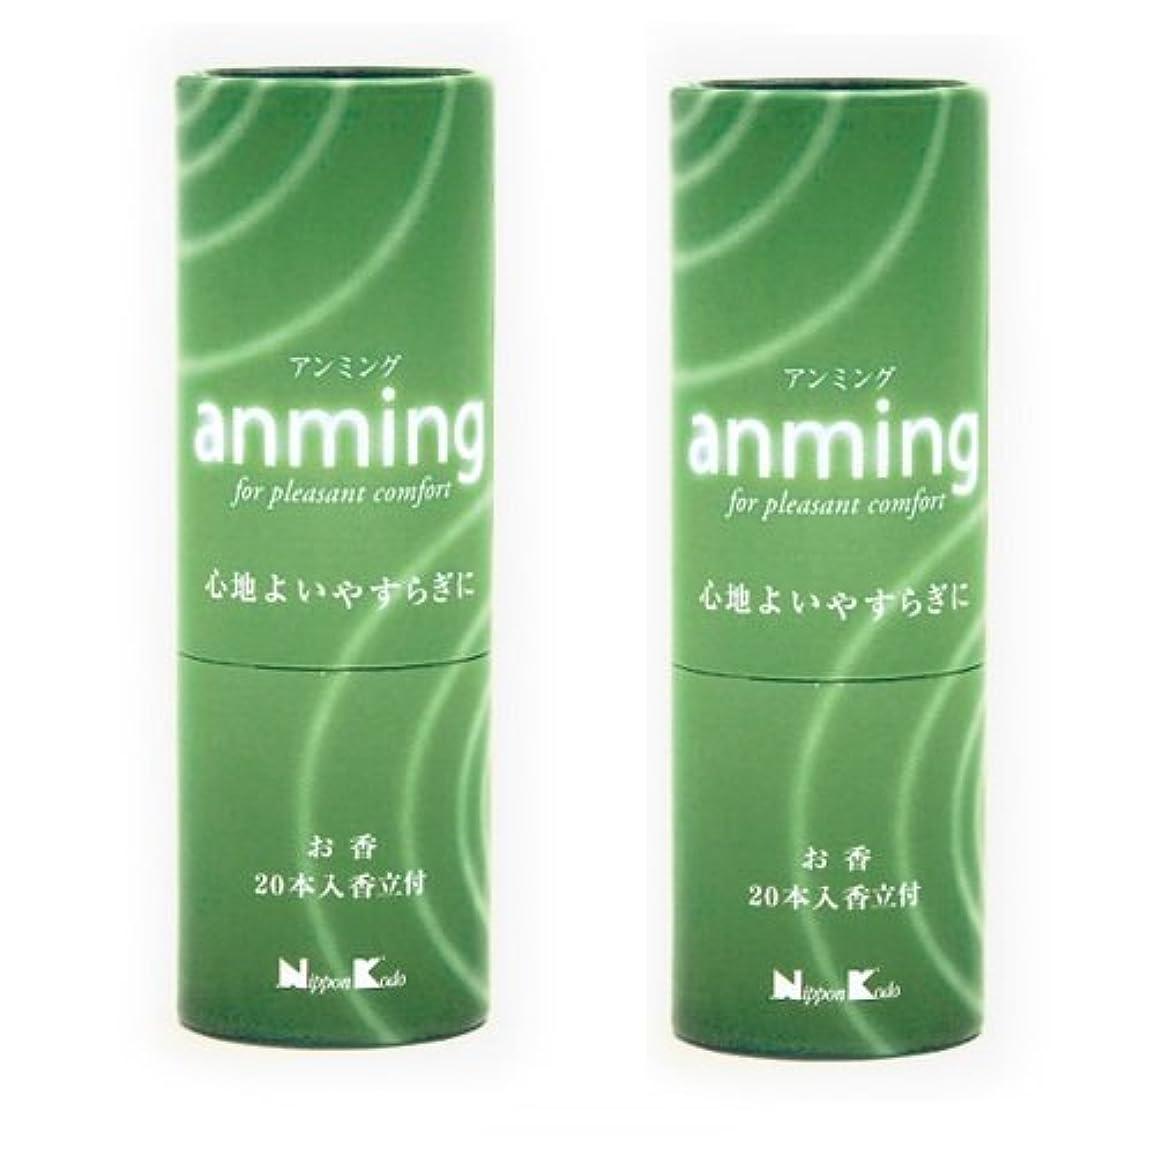 【X2個セット】 anming アンミング お香 20本入